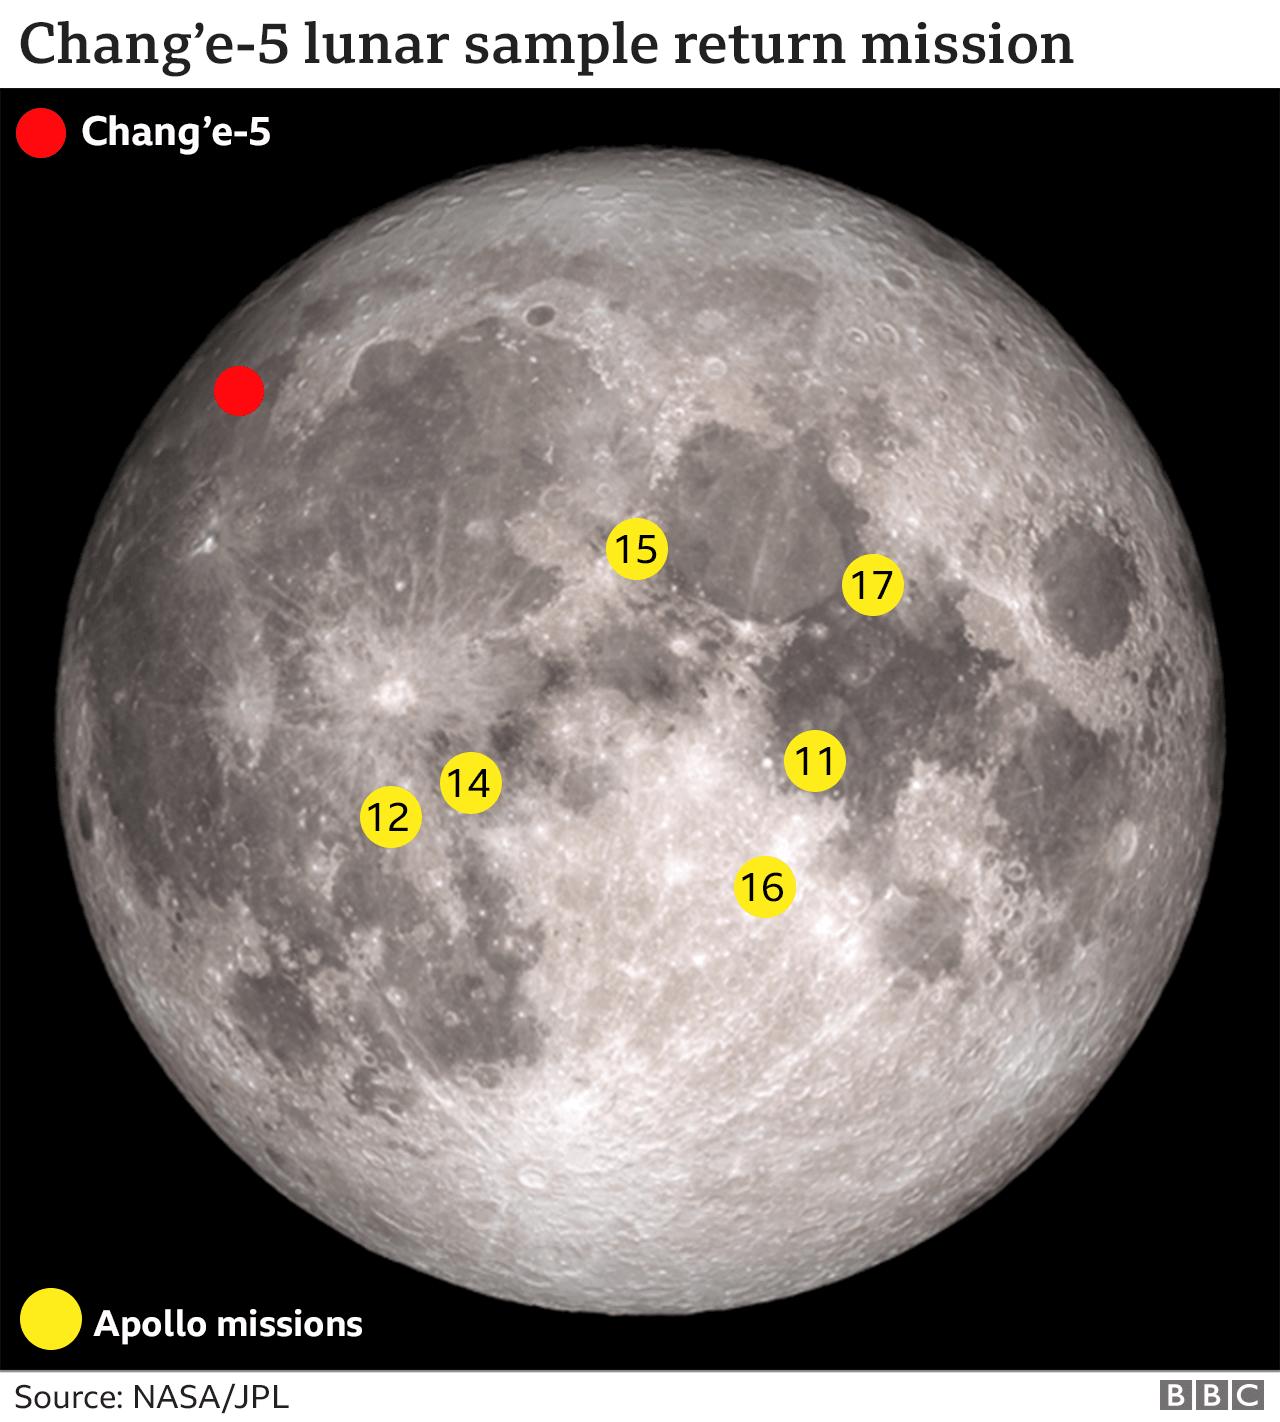 紅色表示嫦娥五號的採樣任務